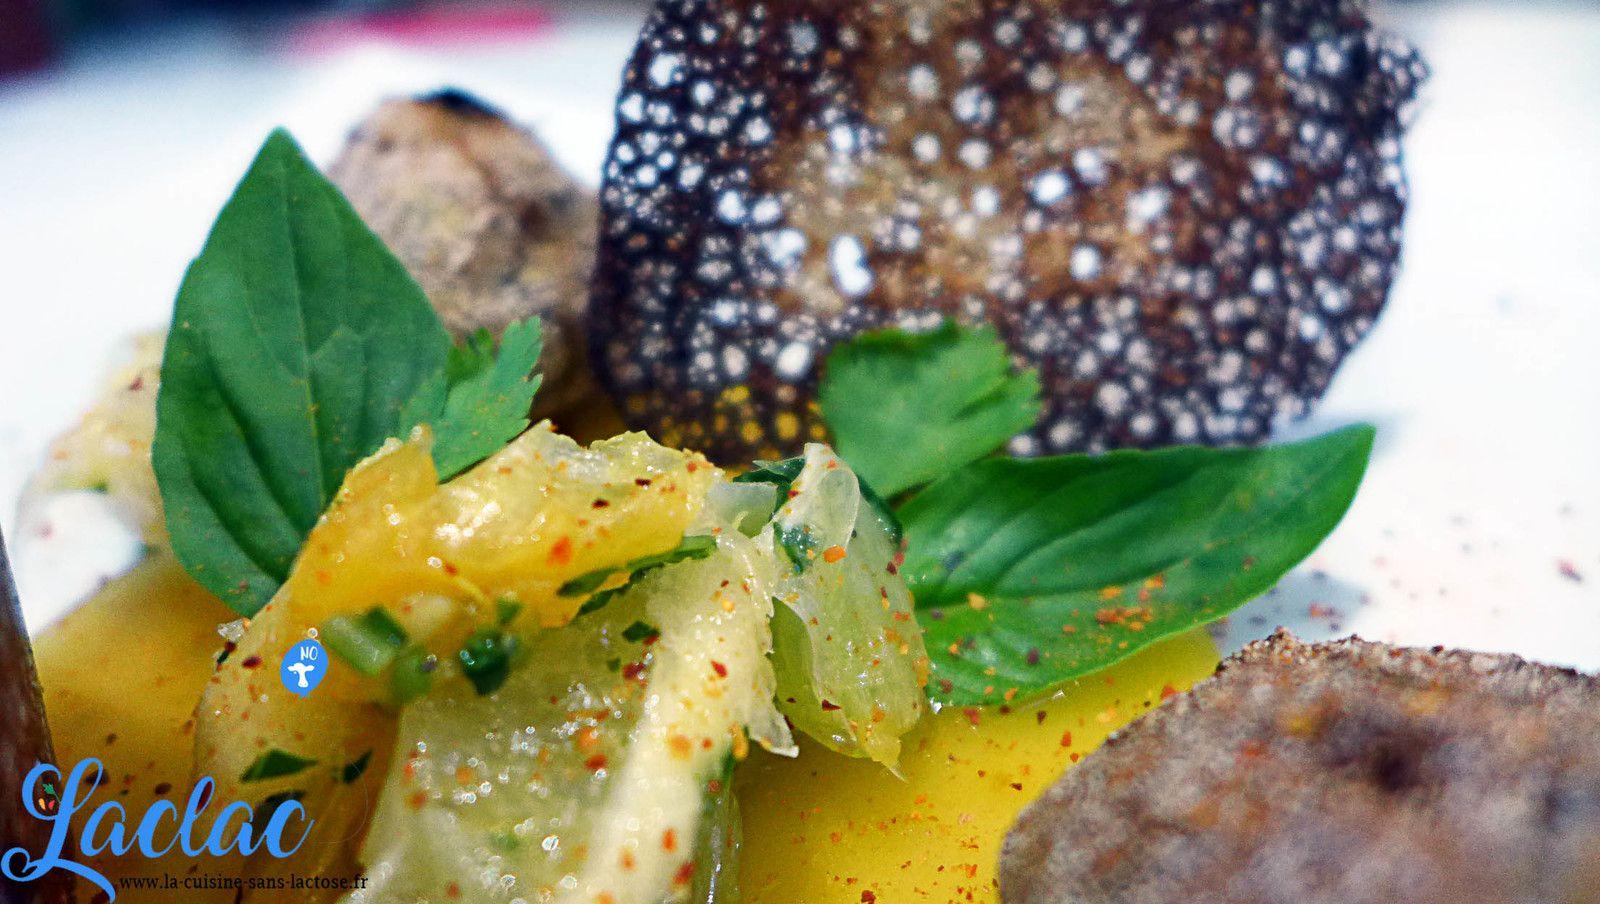 Agrumes en Salade et en Gelée, Croquettes de Cabillaud Amères ! (JLCTC20 #16)